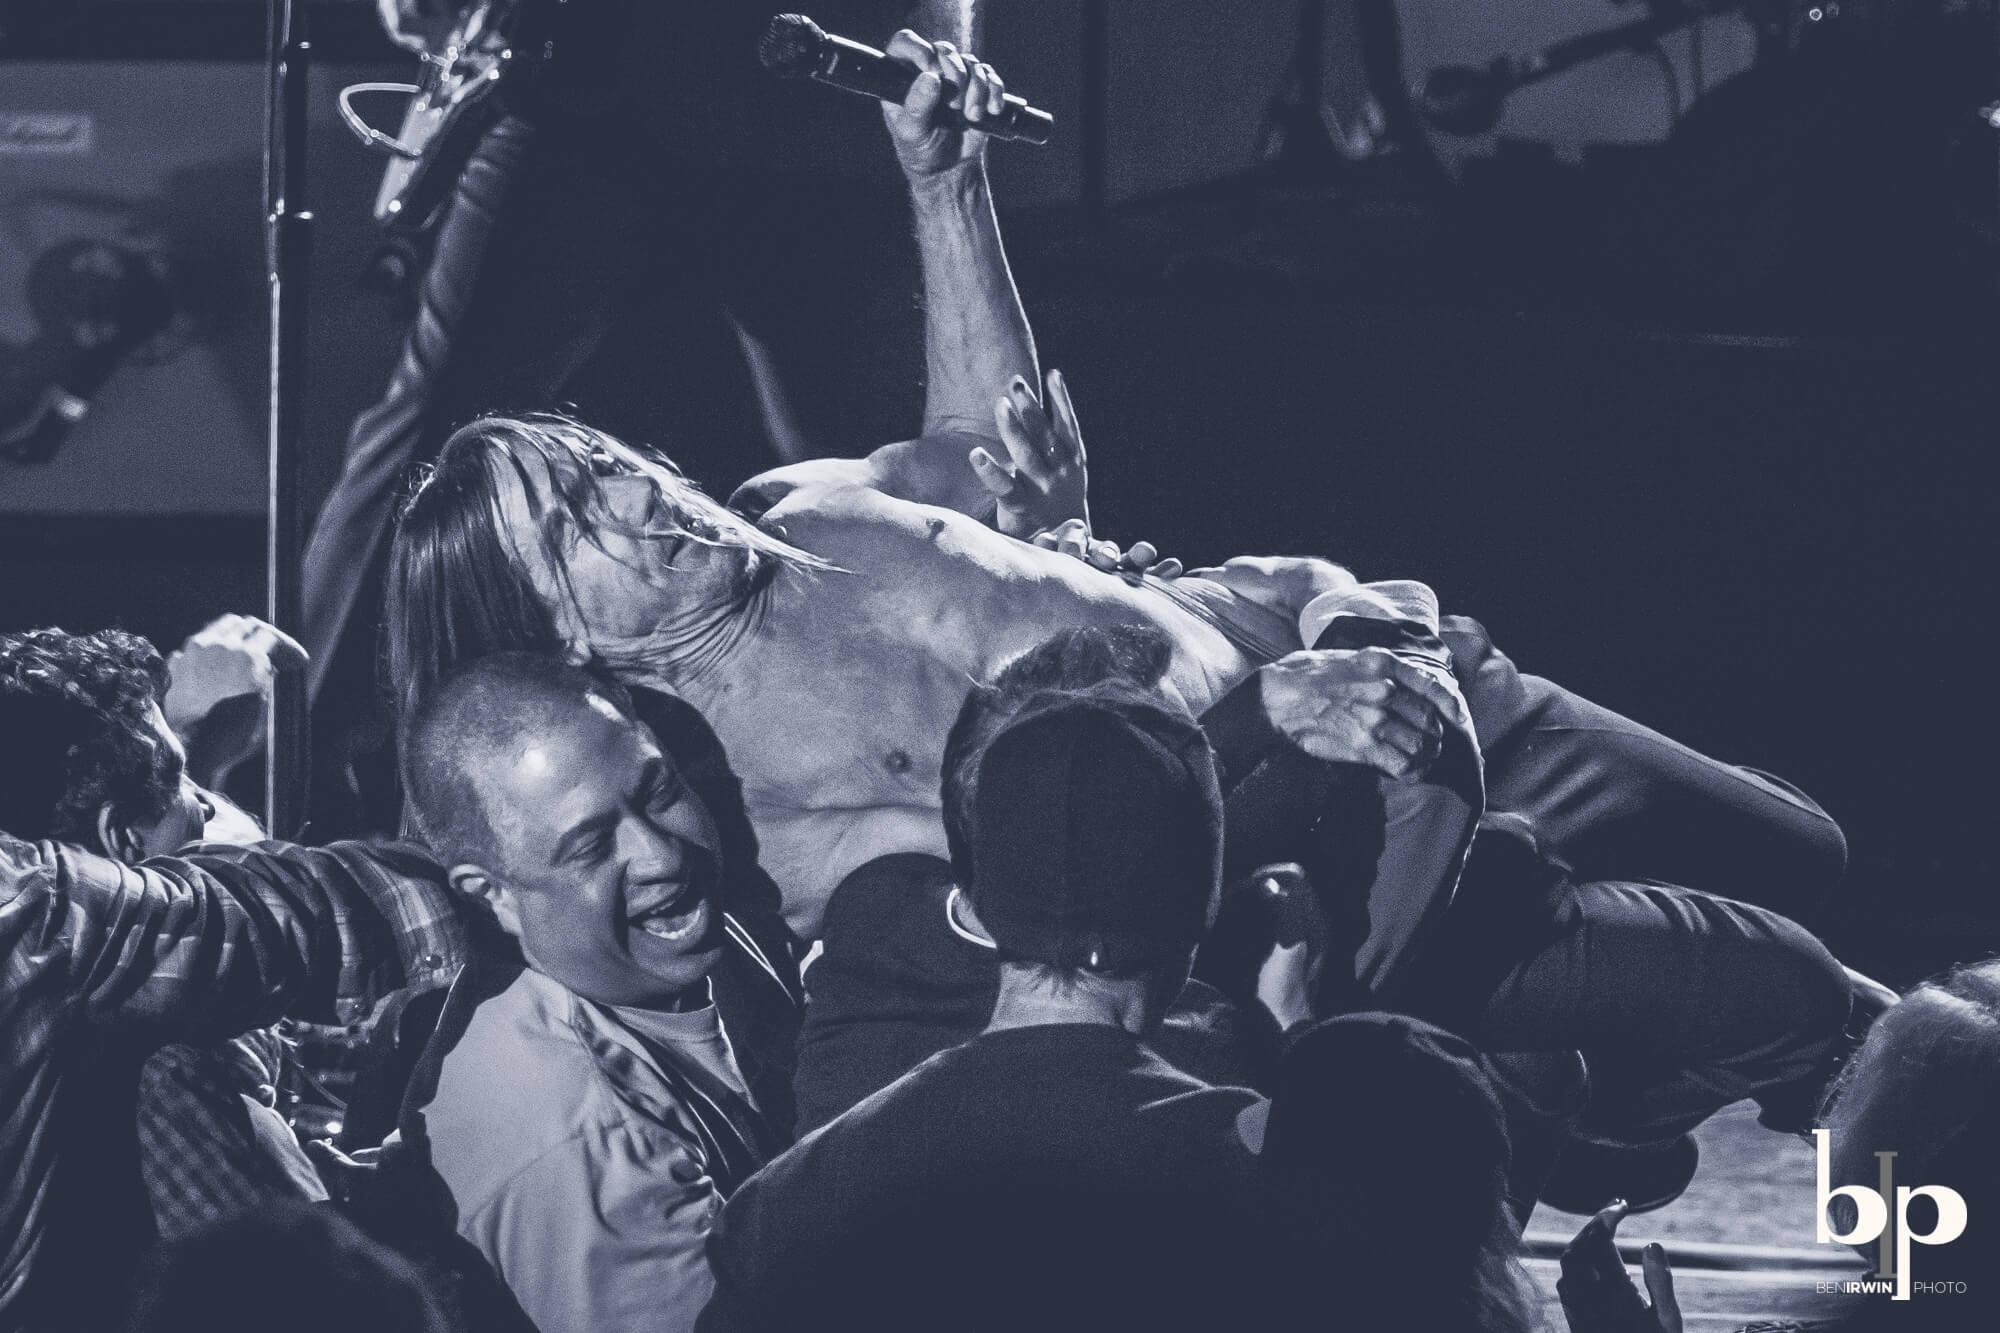 Iggy Pop - Josh Homme - bill callahan - Greek LA - 4-28-16_BI5413